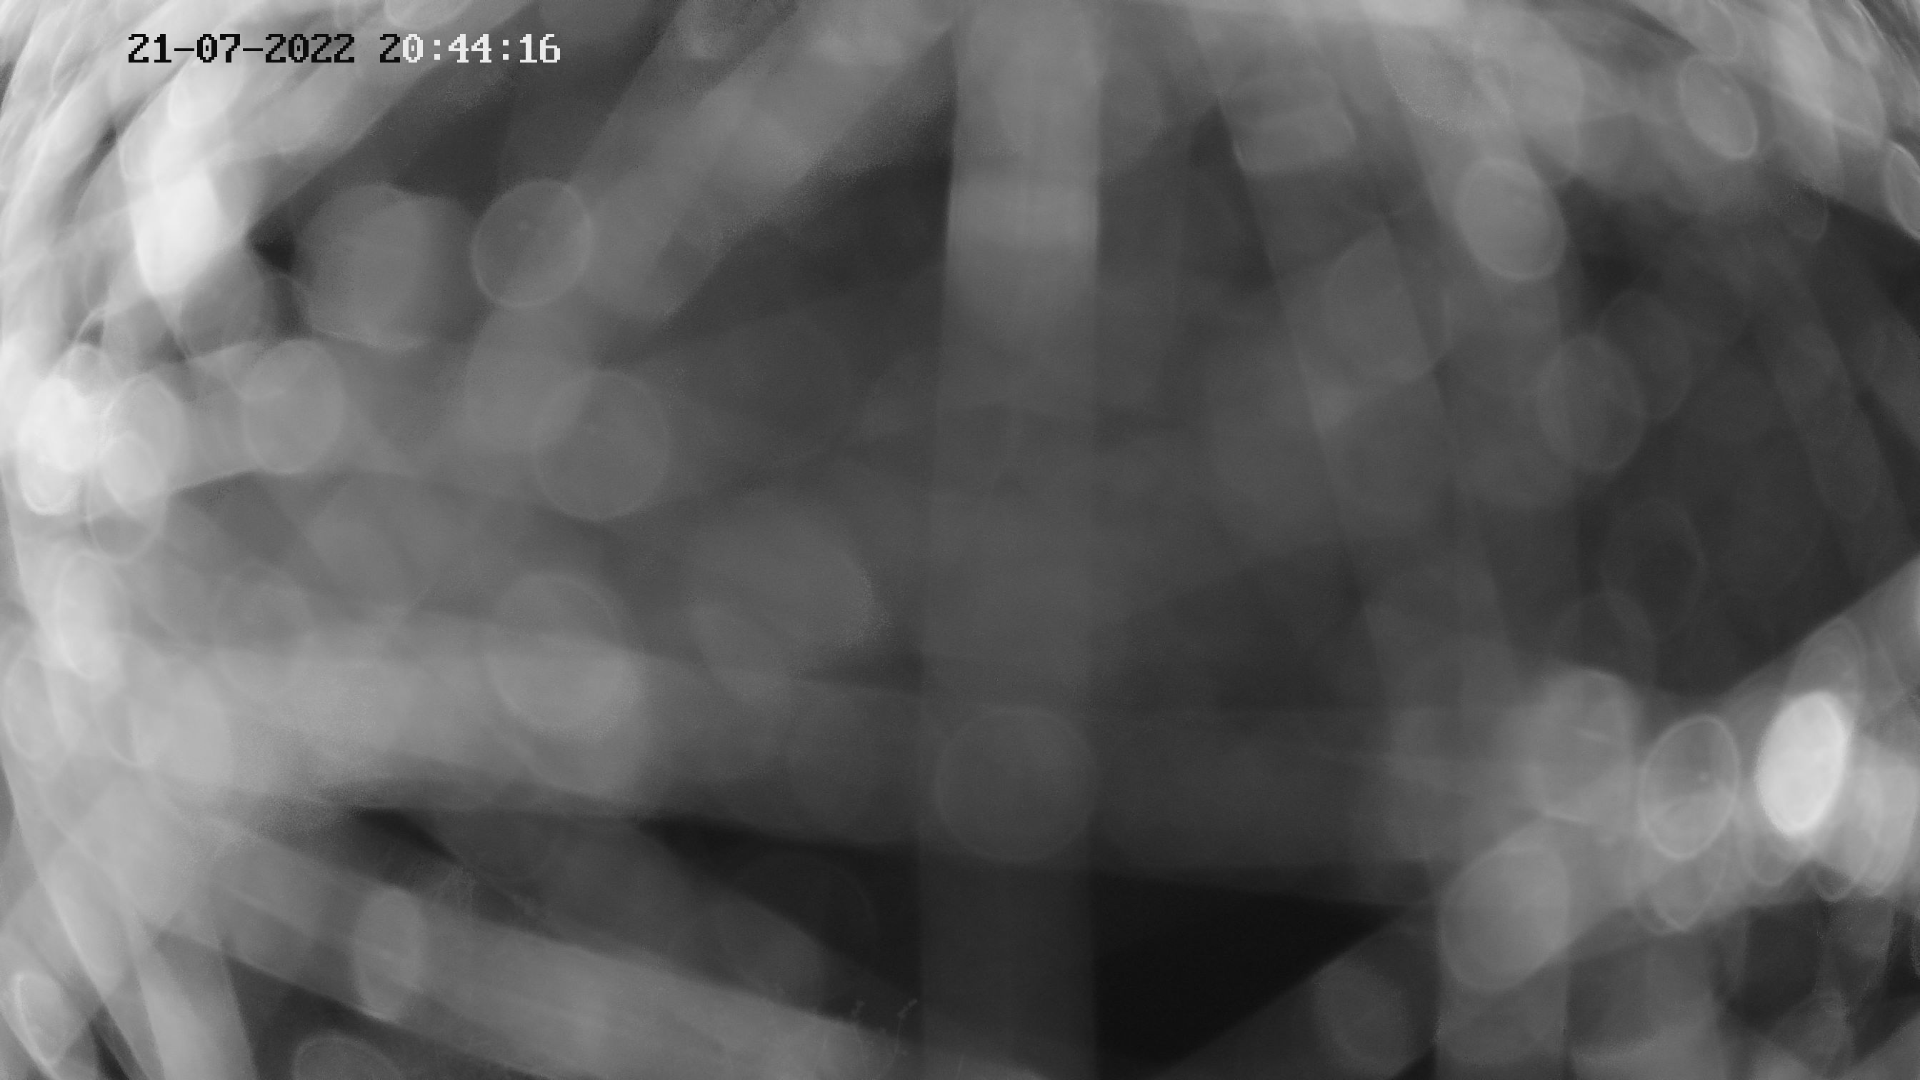 Gondwana Zambezi Mubala Lodge Webcam